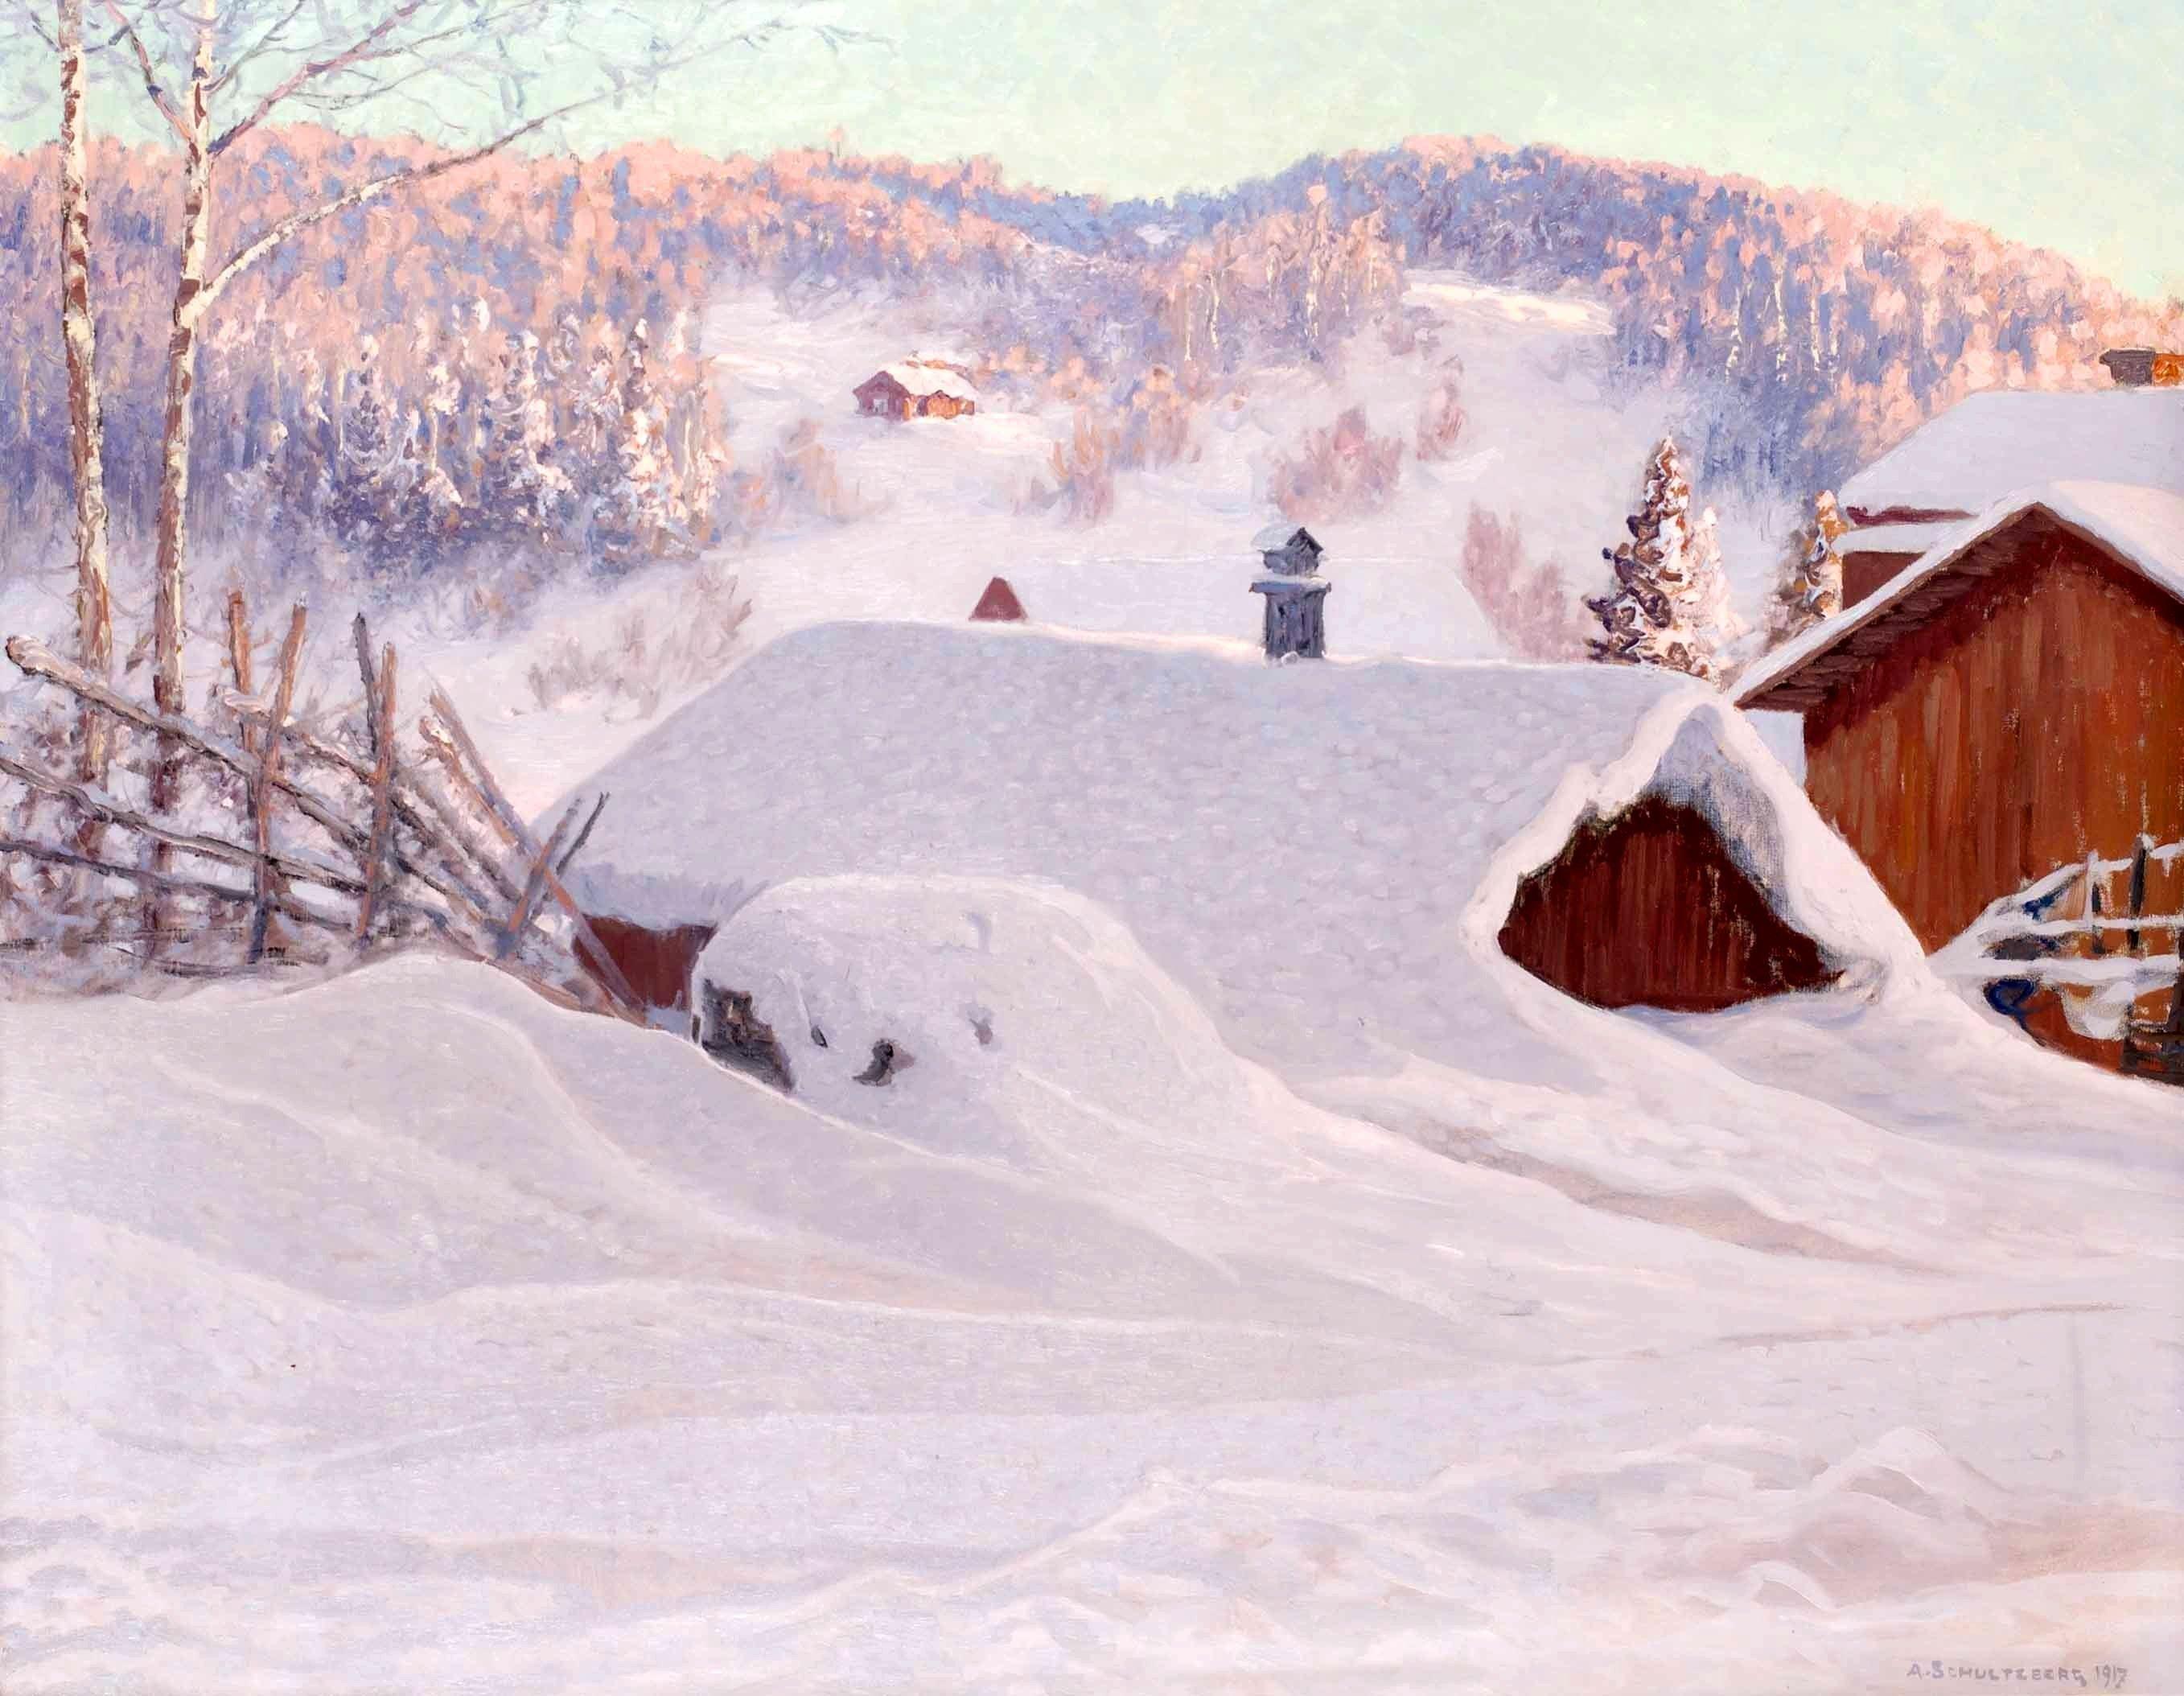 снег холмы snow hills  № 830920 загрузить